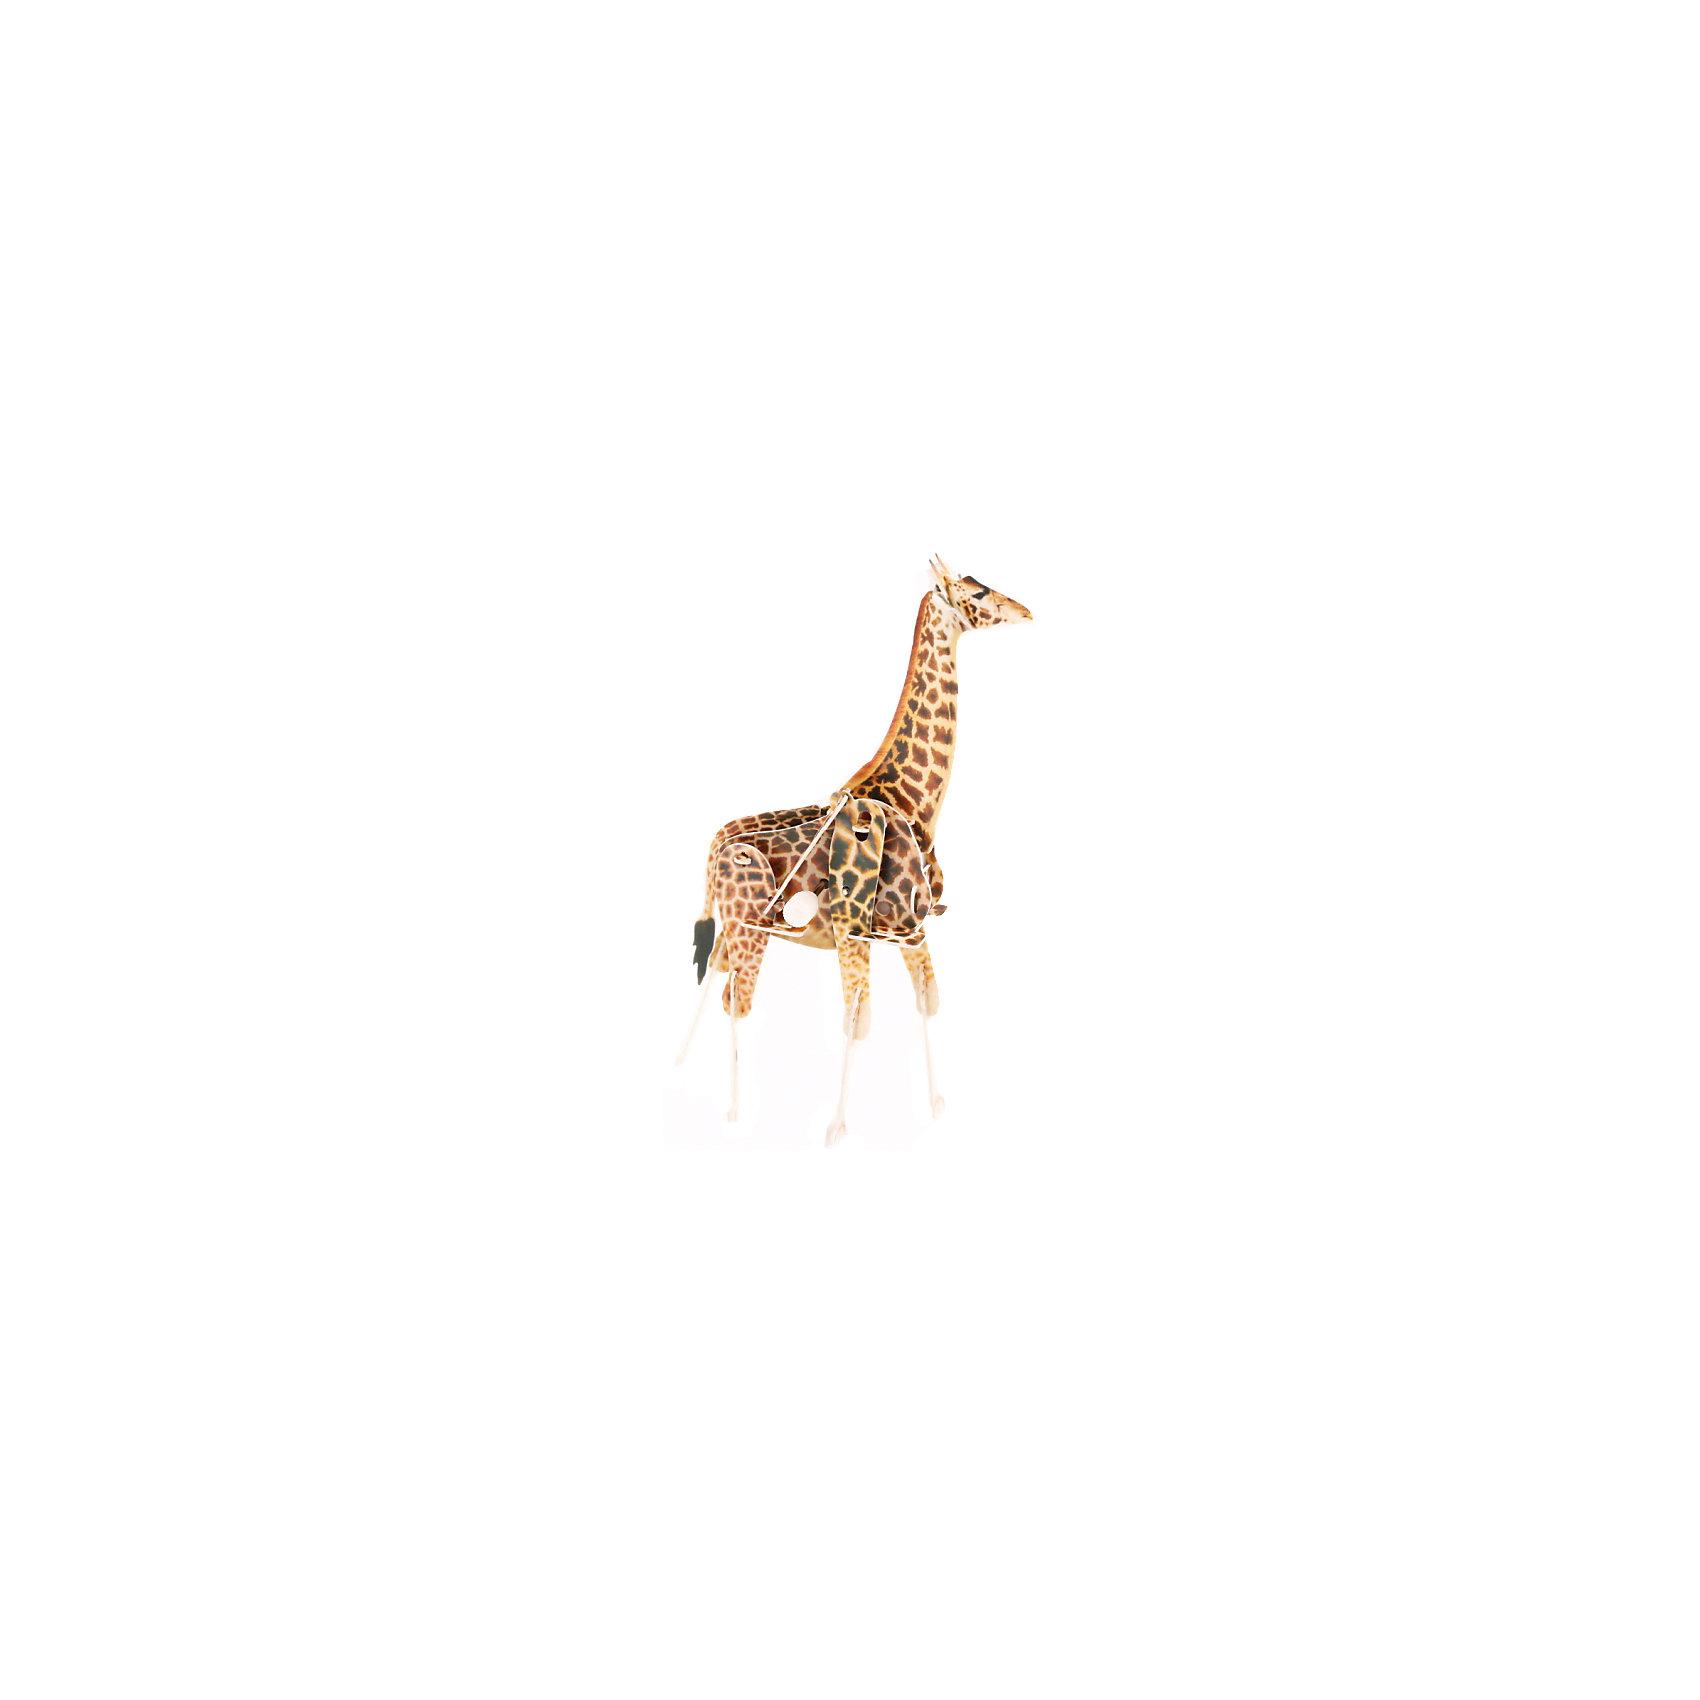 Конструктор – 3D пазл заводной: Жираф, UF3D пазлы<br>Заводной 3D-пазл – новое слово в детском творчестве! Чтобы его собрать, ребенку всего лишь понадобится соединить в верном порядке детали из тонкого, но крепкого пластика. При этом в пазл встраивается специальная коробочка с заводным механизмом, которая наделяет фигурку способностью двигаться. Стоит всего лишь завести игрушку, и объемный жираф начнет идти, перебирая ногами. Сборка пазла тренирует моторику и пространственное мышление.<br><br>Ширина мм: 135<br>Глубина мм: 100<br>Высота мм: 25<br>Вес г: 47<br>Возраст от месяцев: 72<br>Возраст до месяцев: 1188<br>Пол: Унисекс<br>Возраст: Детский<br>SKU: 5516767